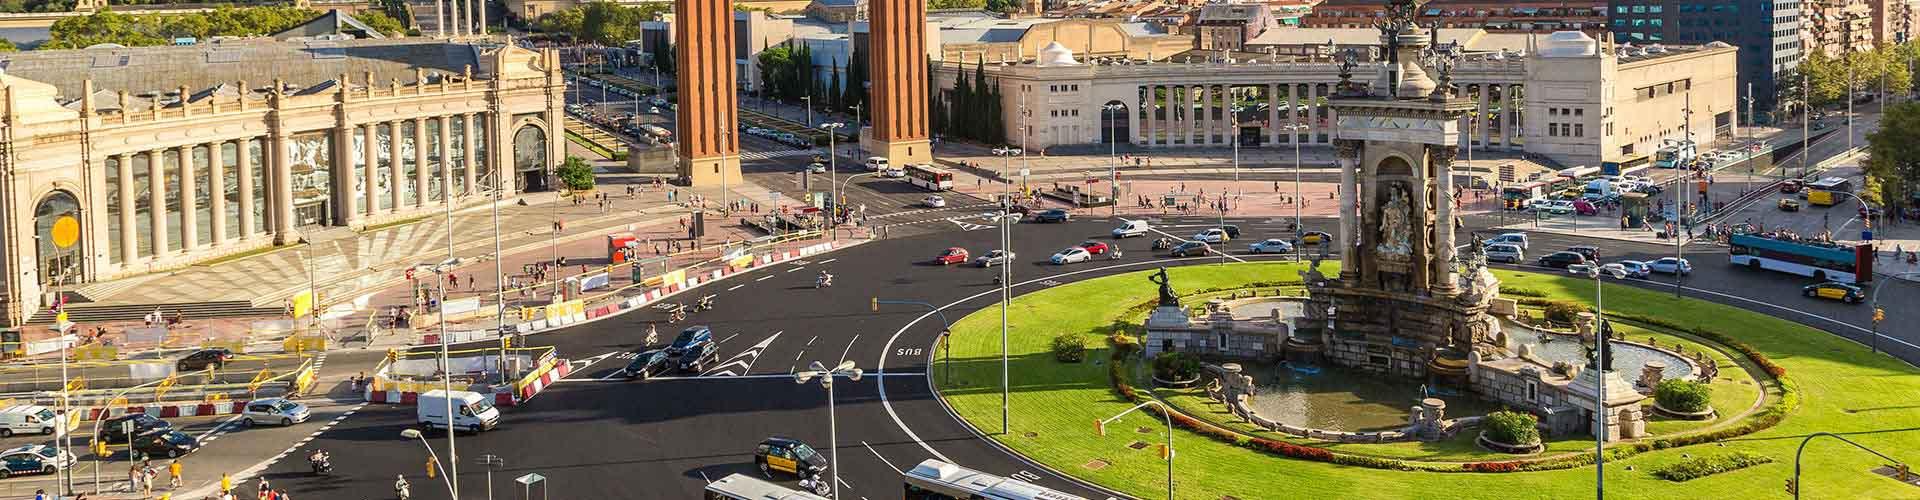 Barcelona – Hostellit lähellä Kupungin keskusta. Barcelona -karttoja, valokuvia ja arvosteluja kaikista Barcelona -hostelleista.